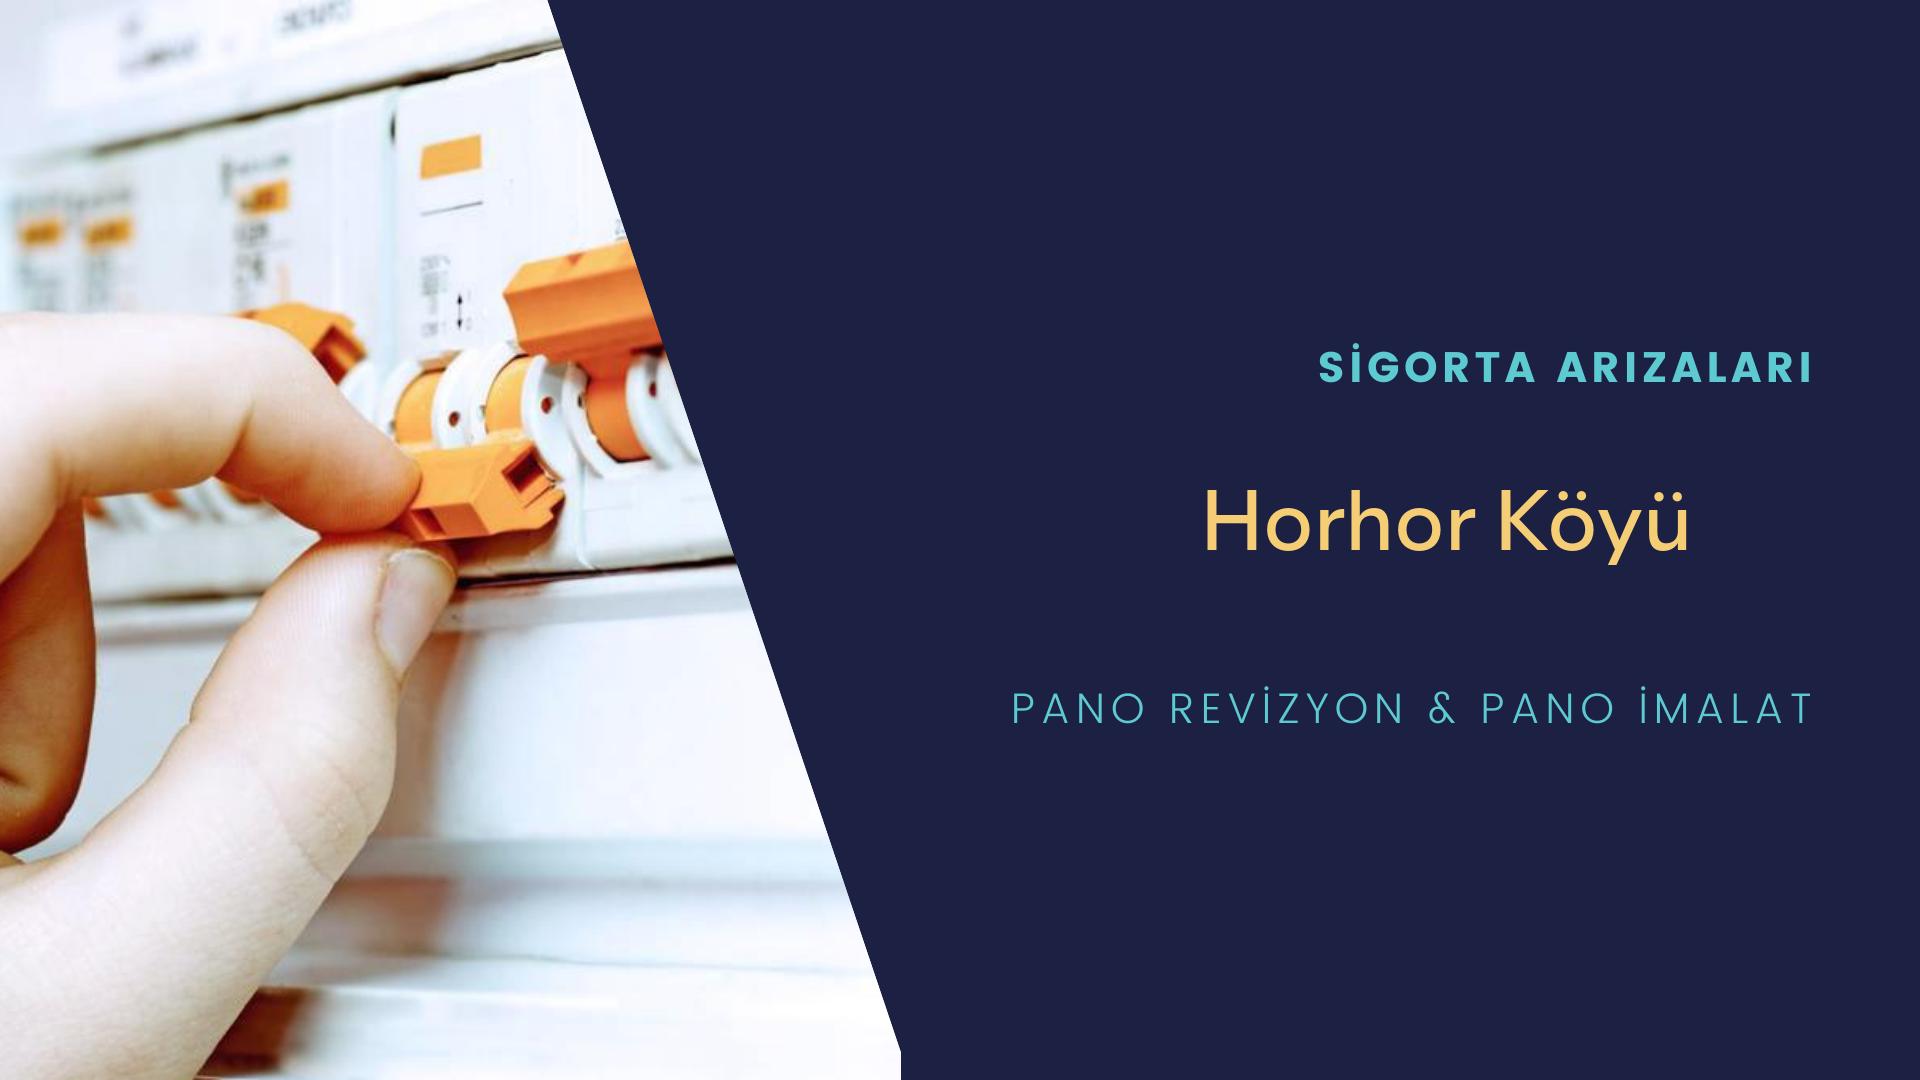 Horhor Köyü Sigorta Arızaları İçin Profesyonel Elektrikçi ustalarımızı dilediğiniz zaman arayabilir talepte bulunabilirsiniz.